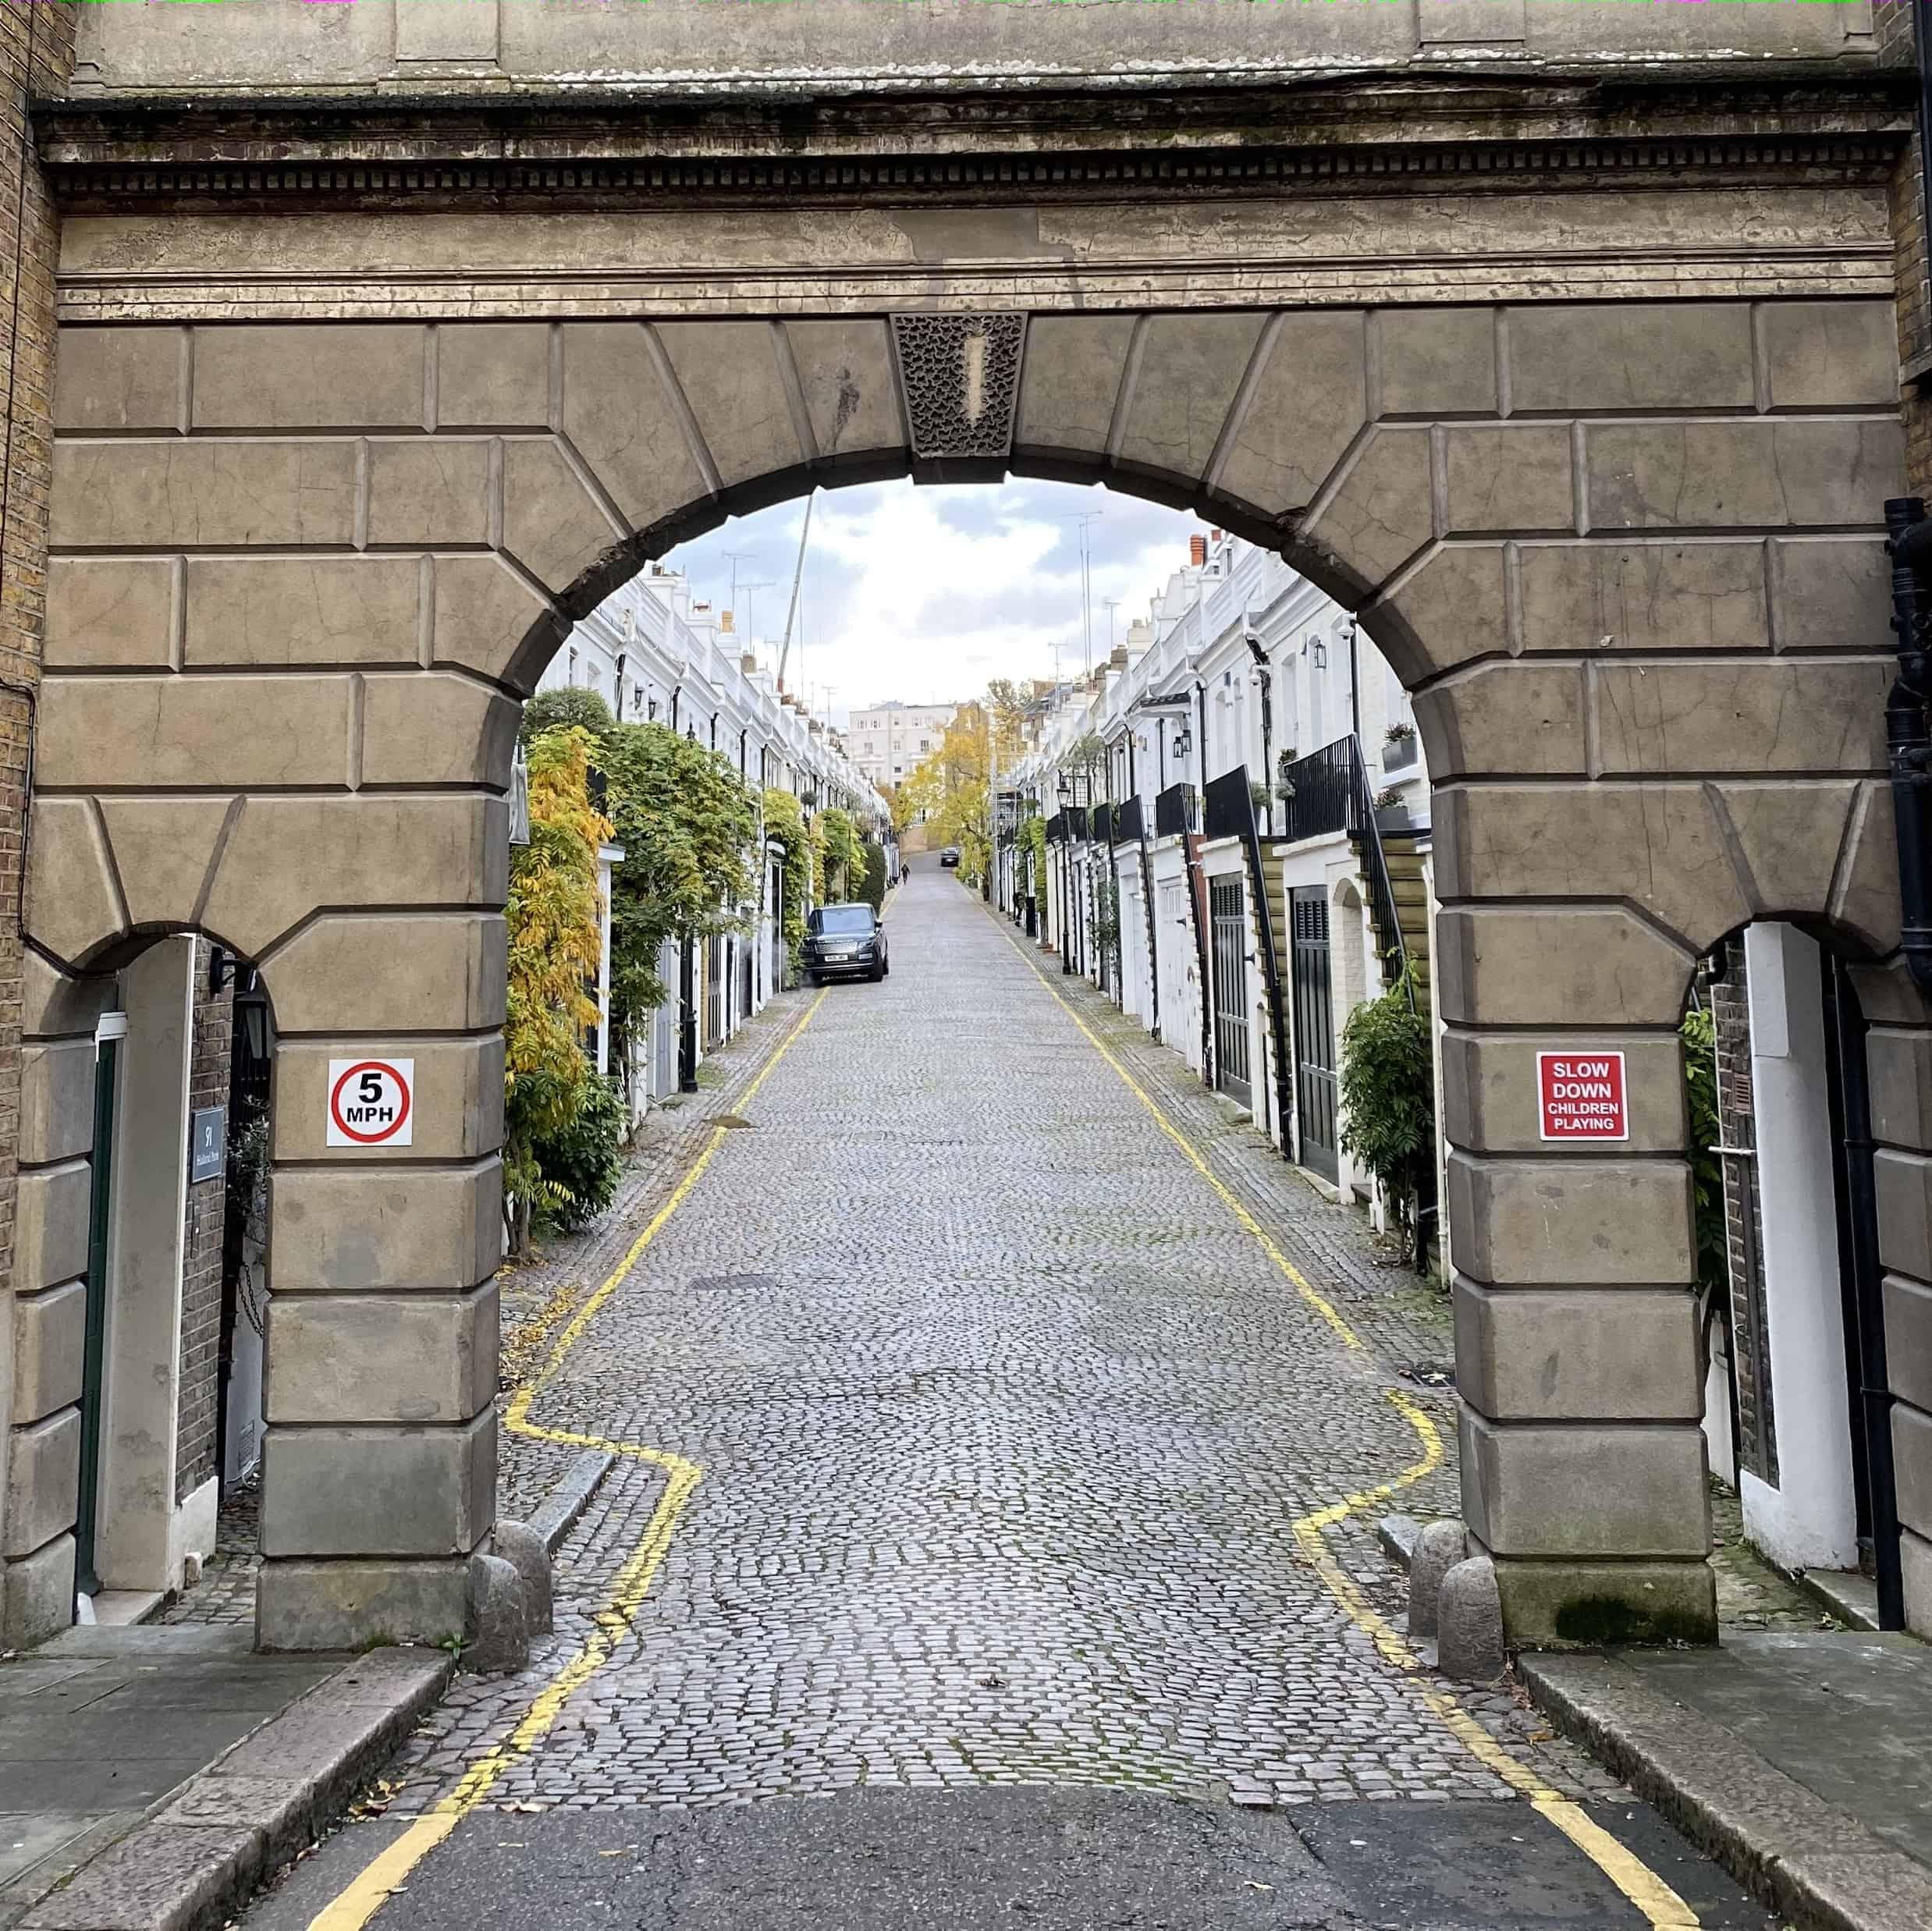 Best Backstreet in London